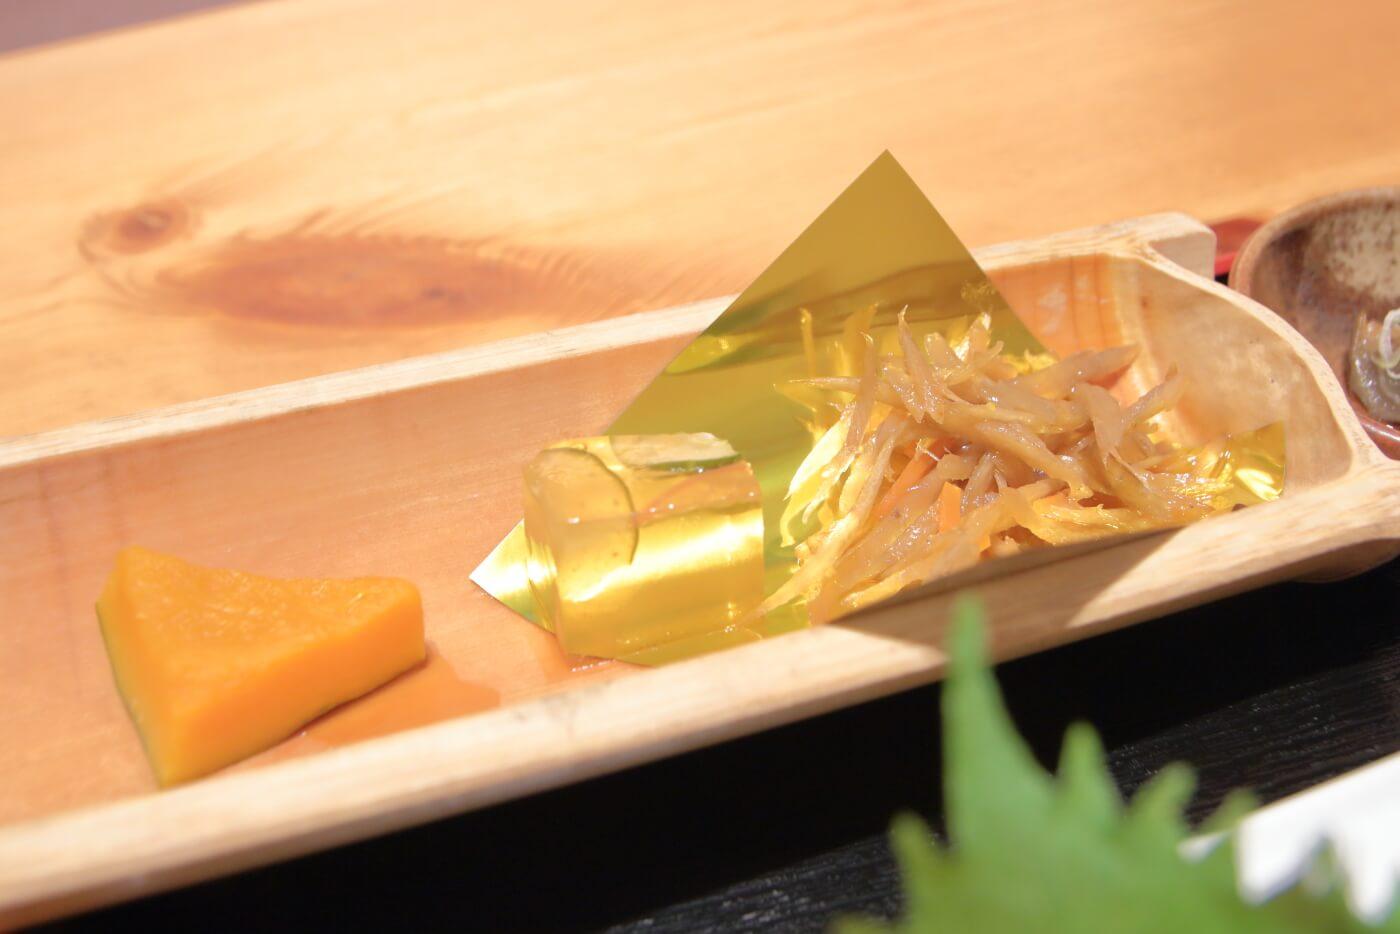 高知市の居酒屋 kataomoi(かたおもい)ランチの副菜